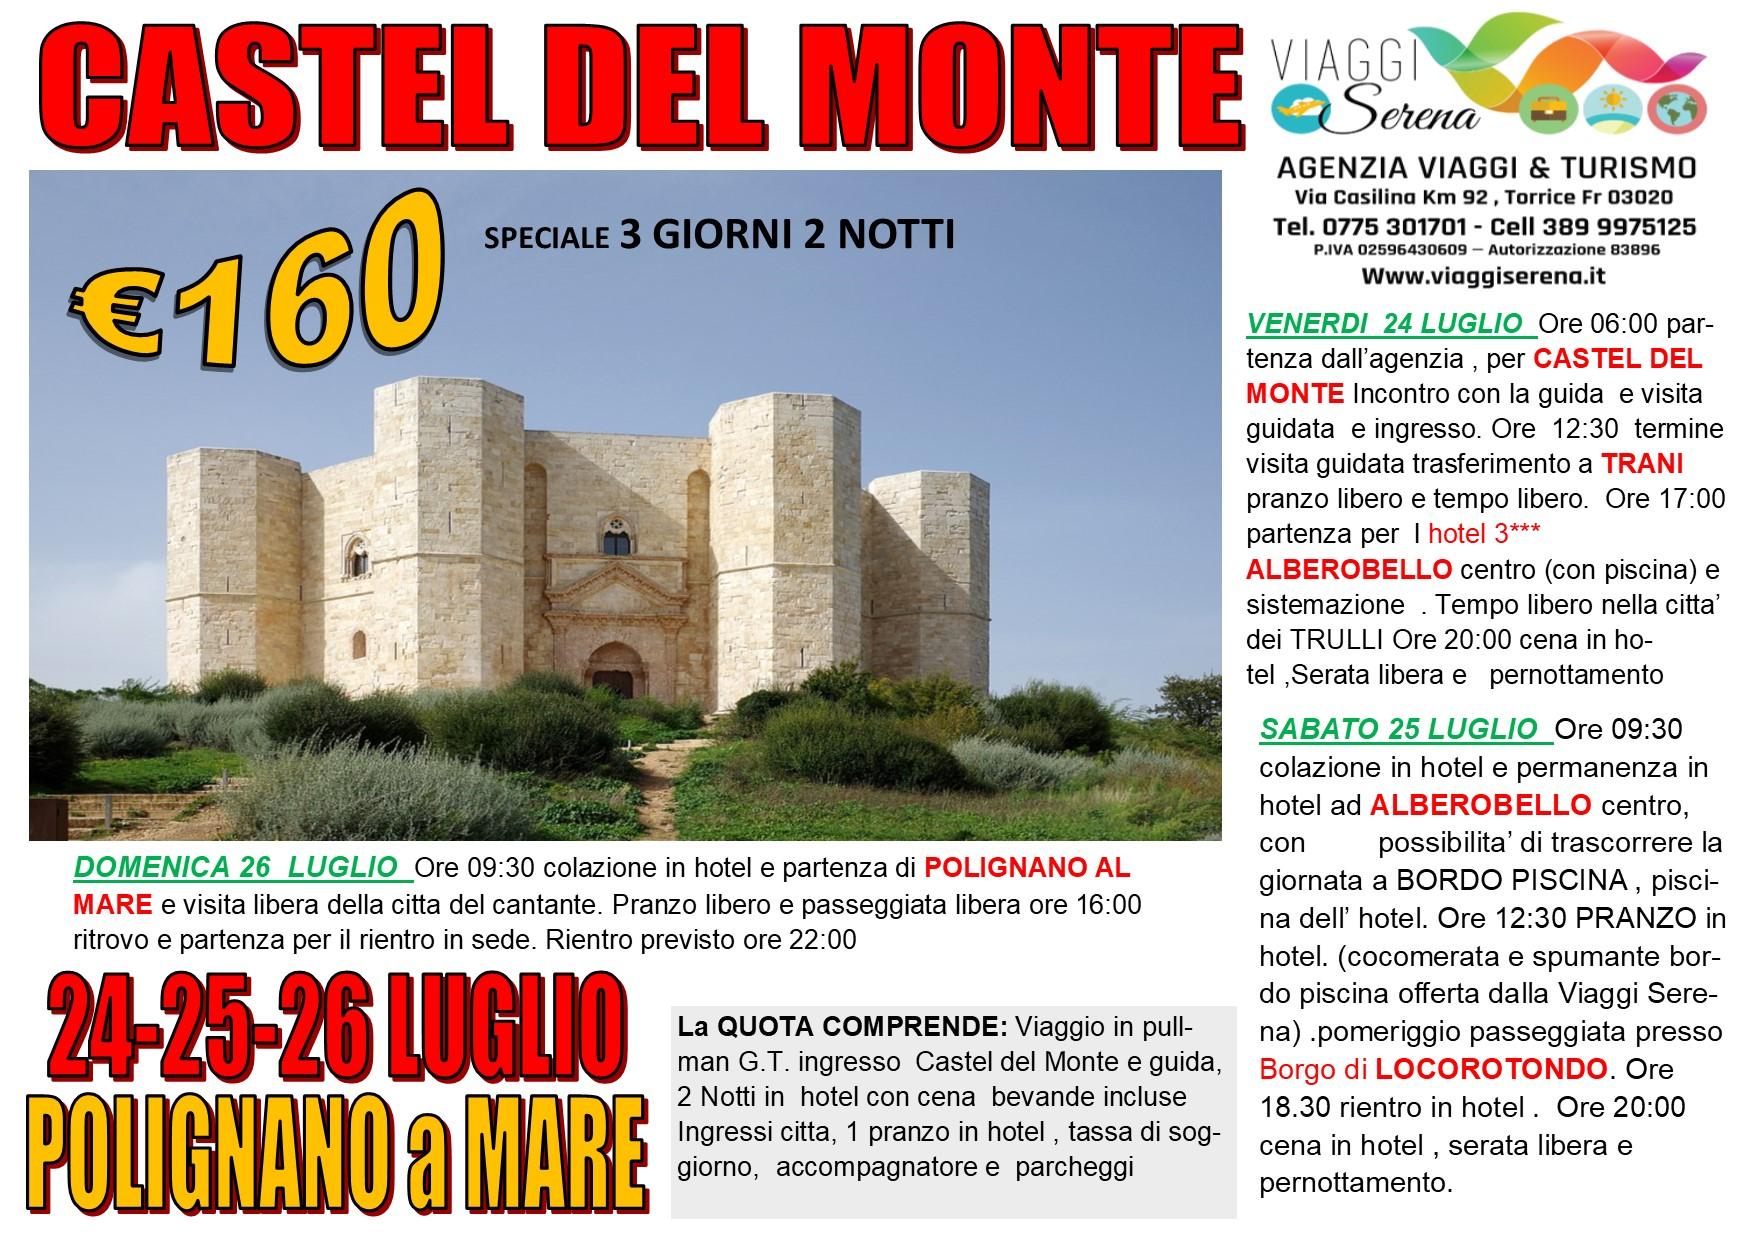 Viaggi di Gruppo: CASTEL del MONTE & Polignano a Mare 24-25-26  Luglio € 160,00